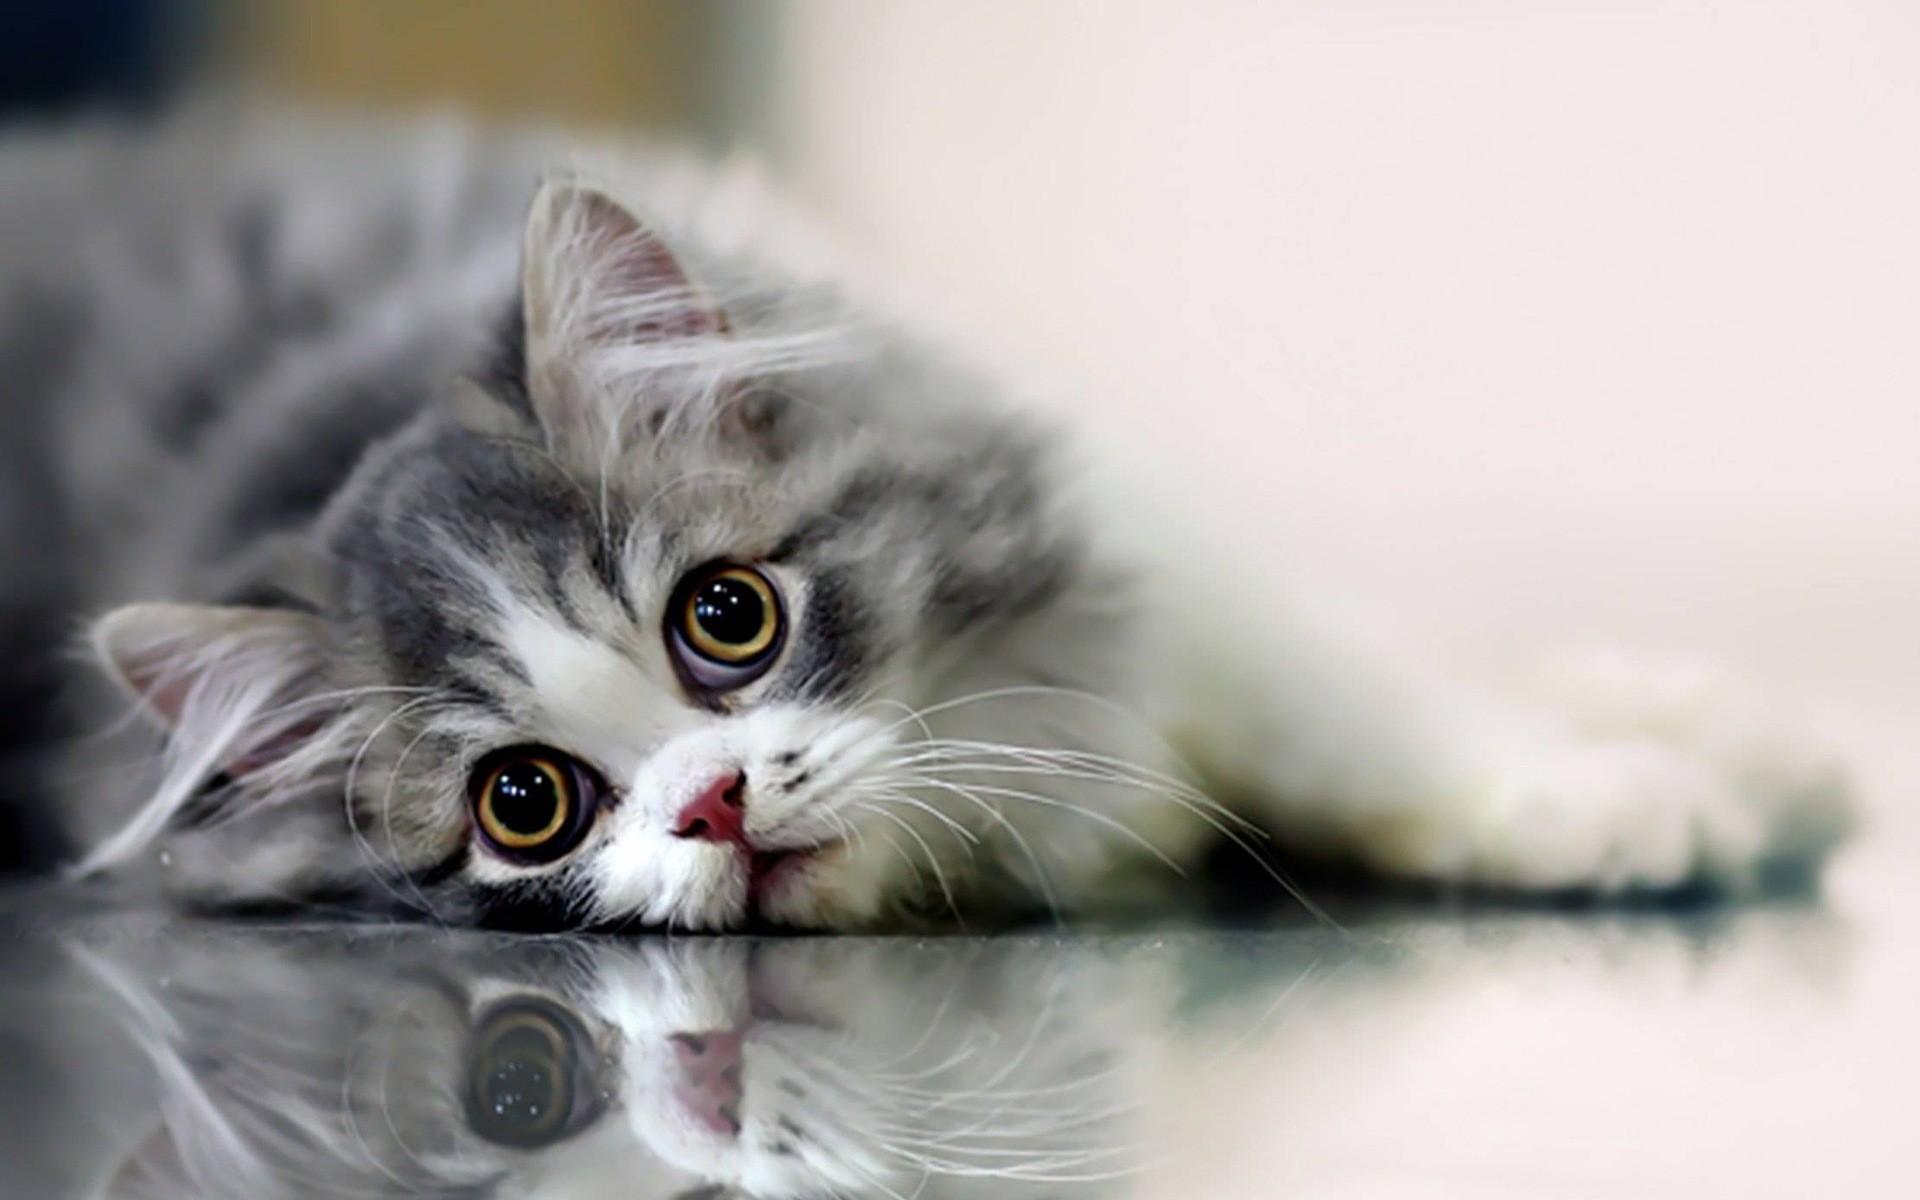 بالصور اجمل صور قطط , صور جميله عن القطط 6108 8